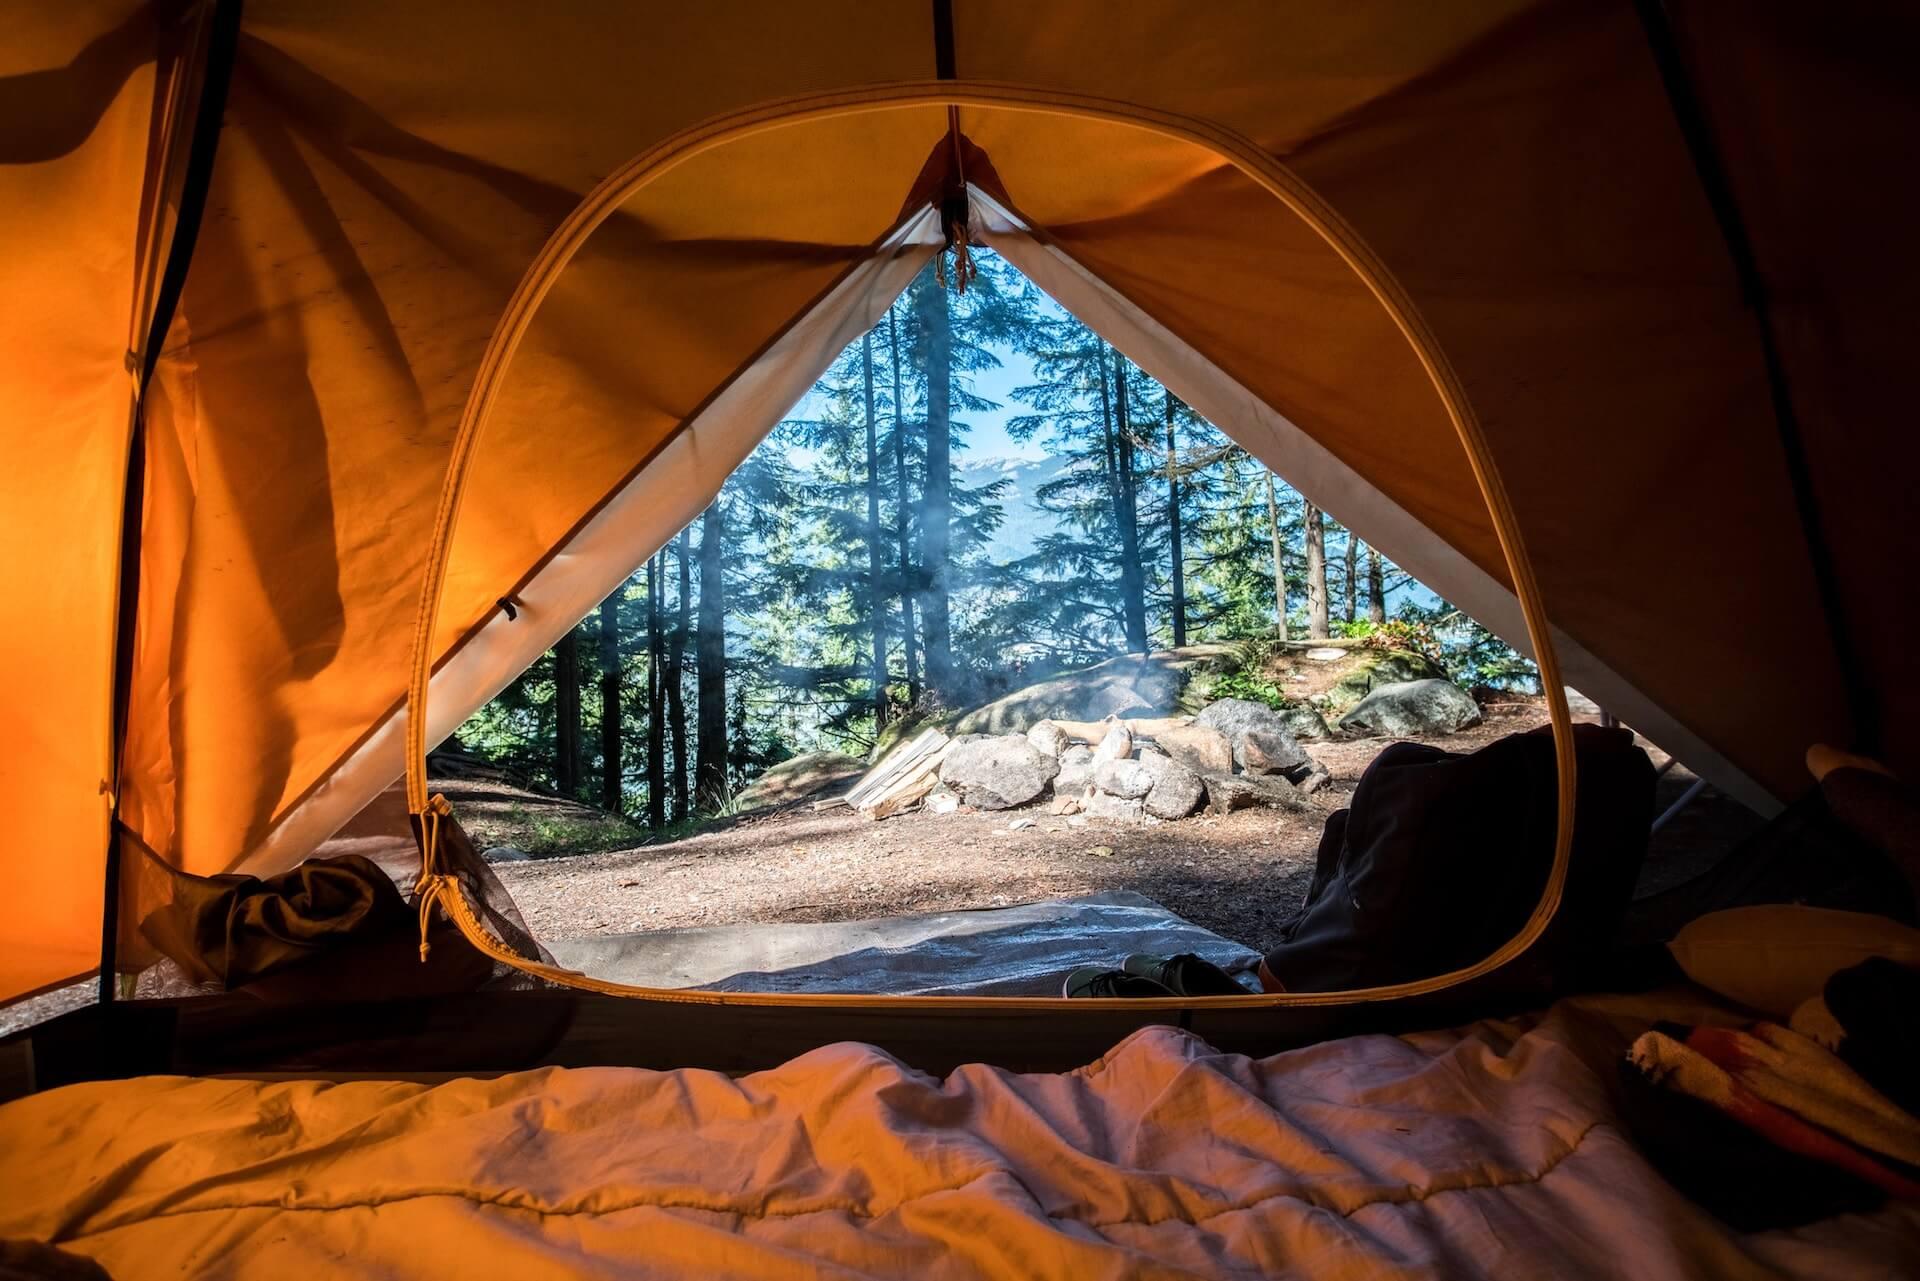 Feuerschale beim Camping